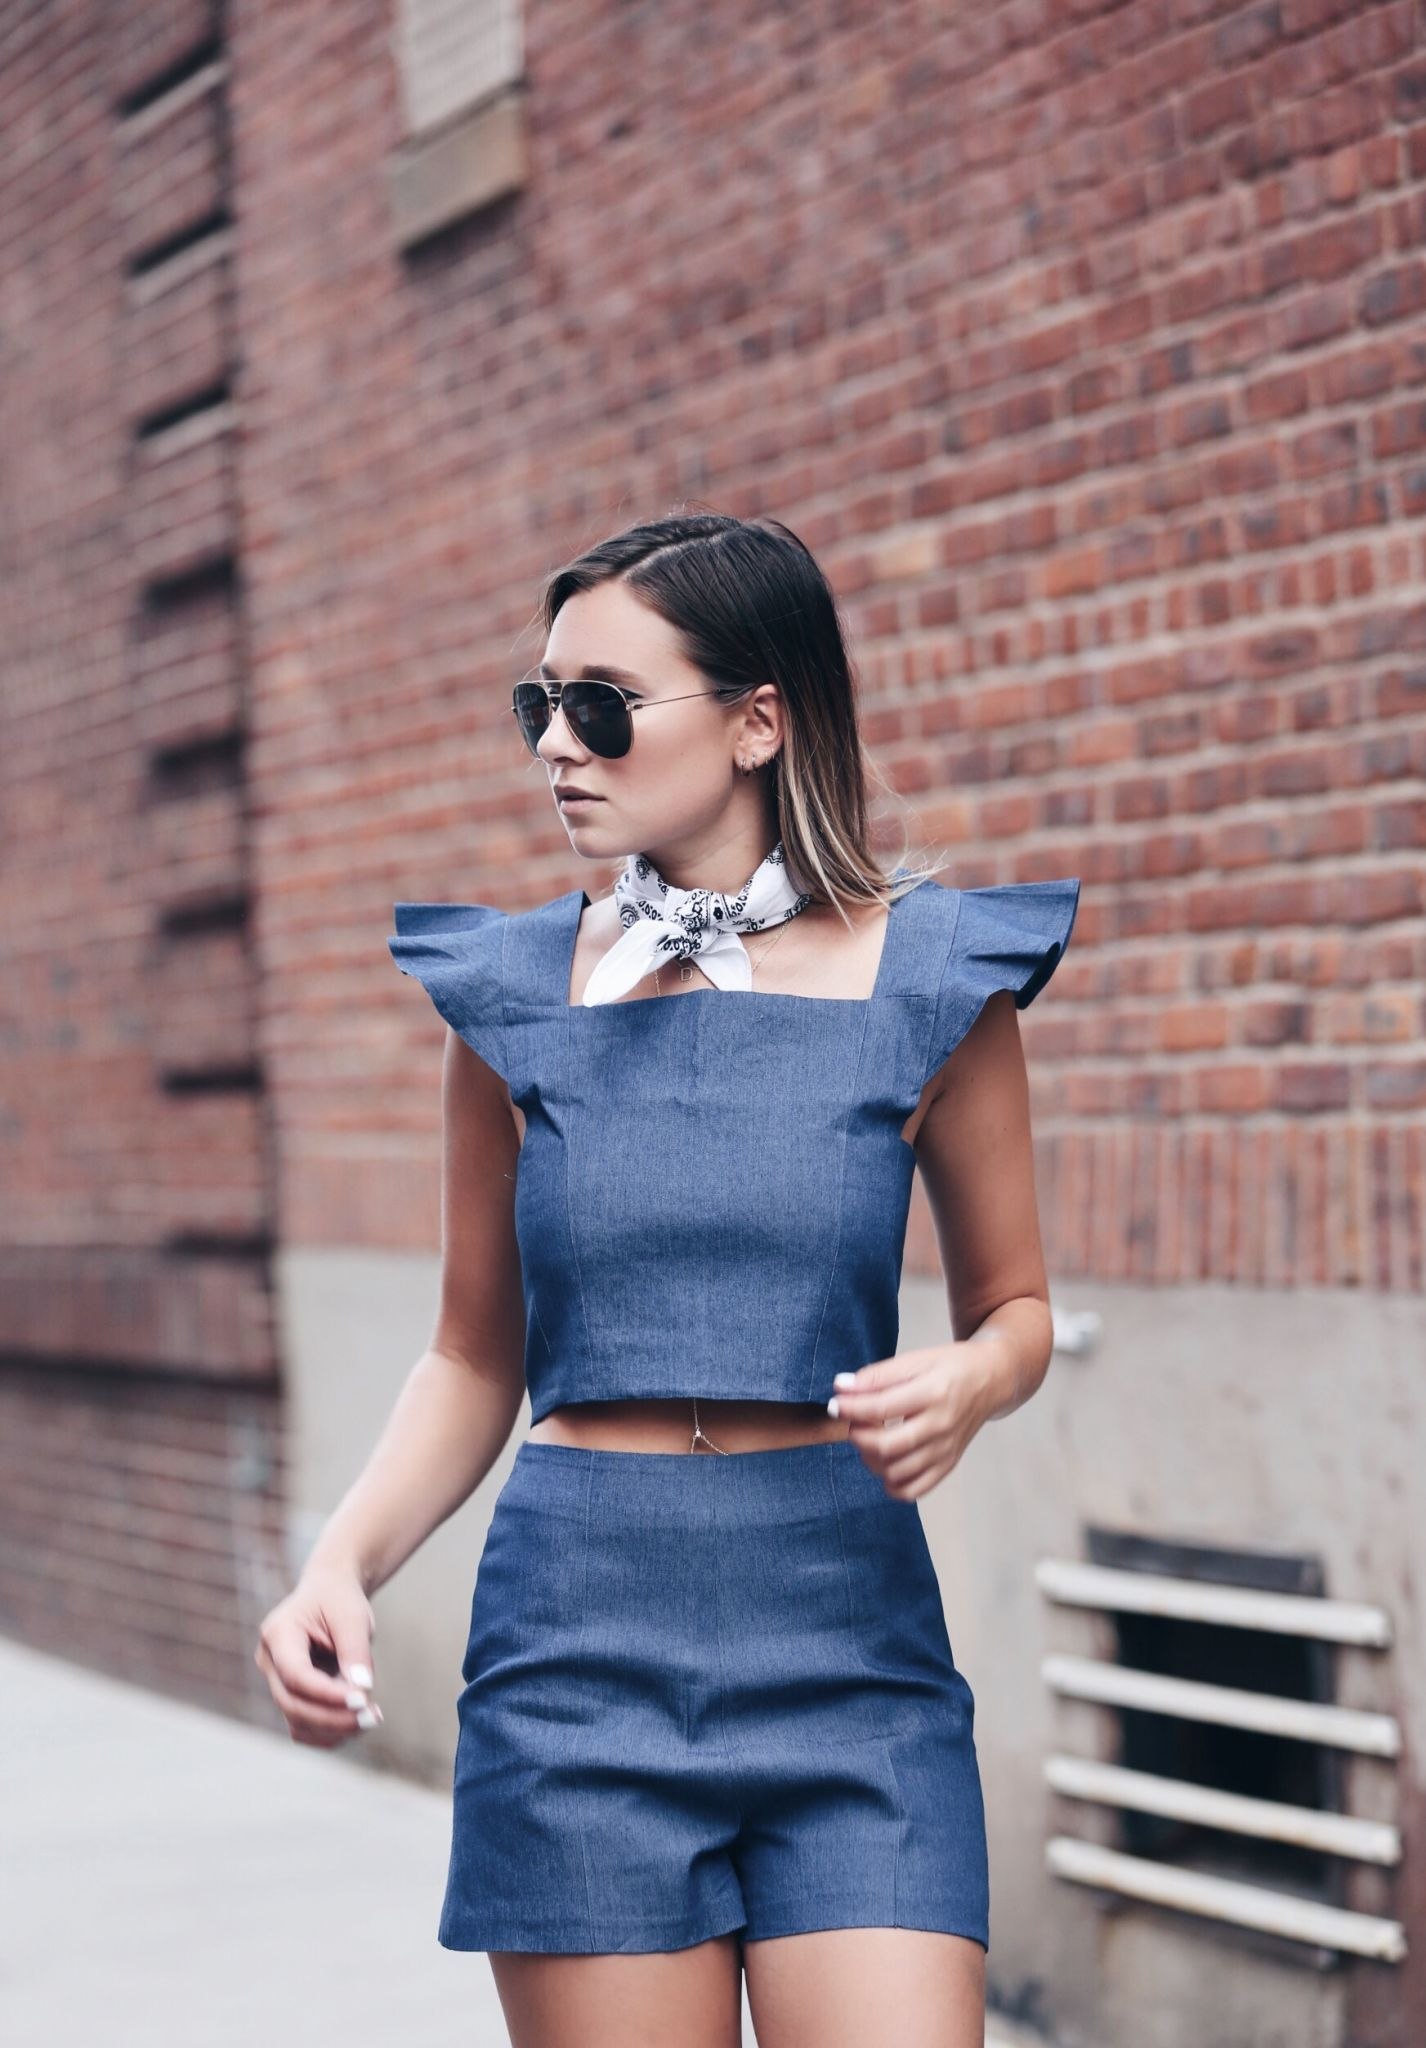 94a7de119 Las 17 reglas de estilo que necesitas saber para vestir como una ...